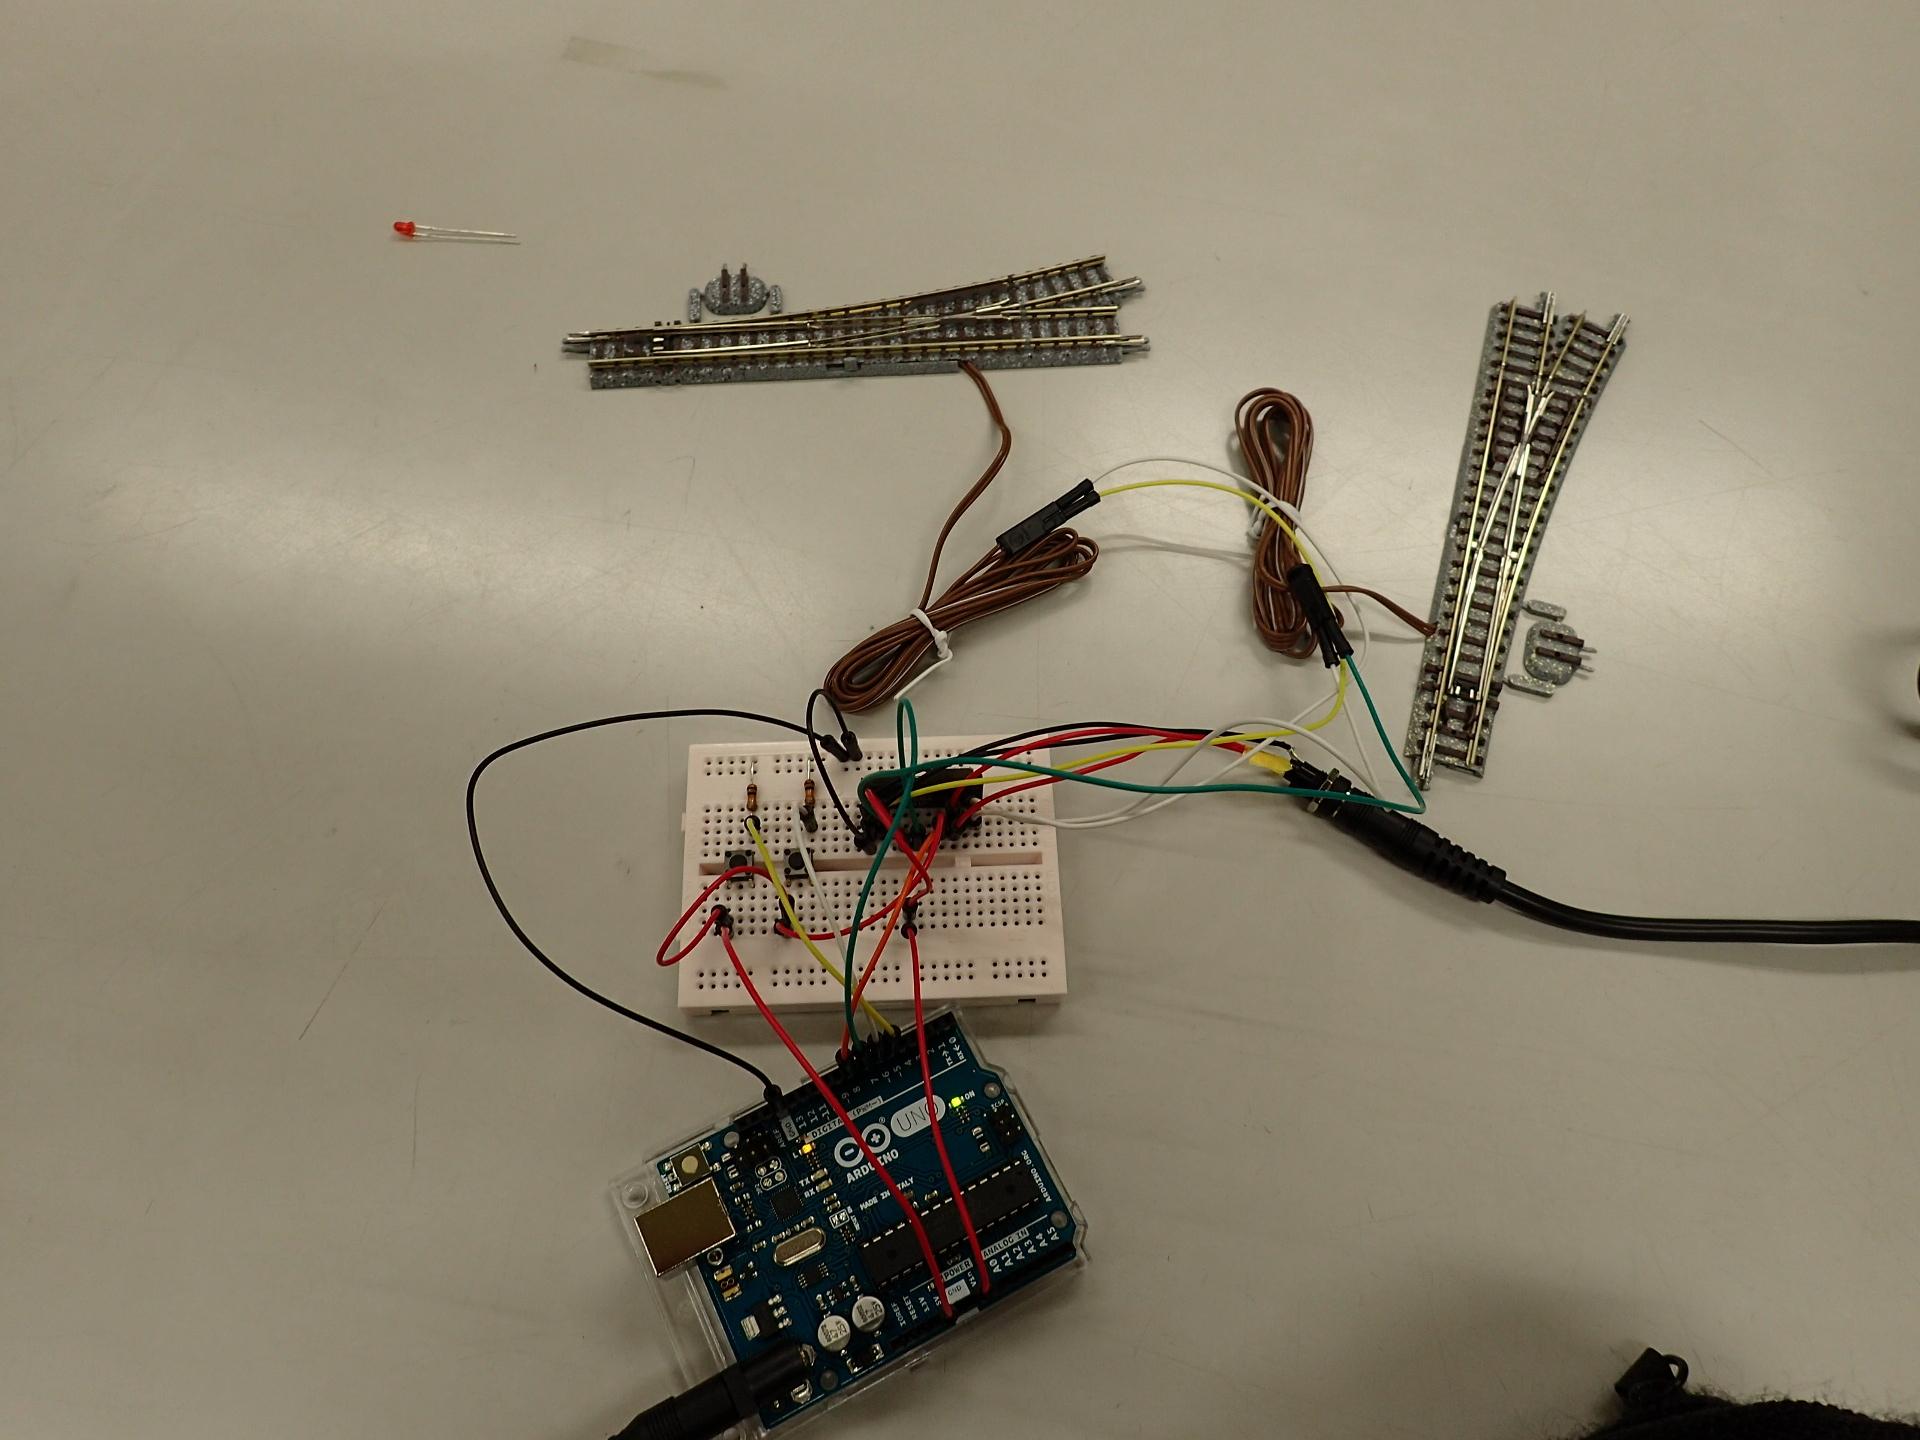 マイコン式ポイントスイッチを作りました。